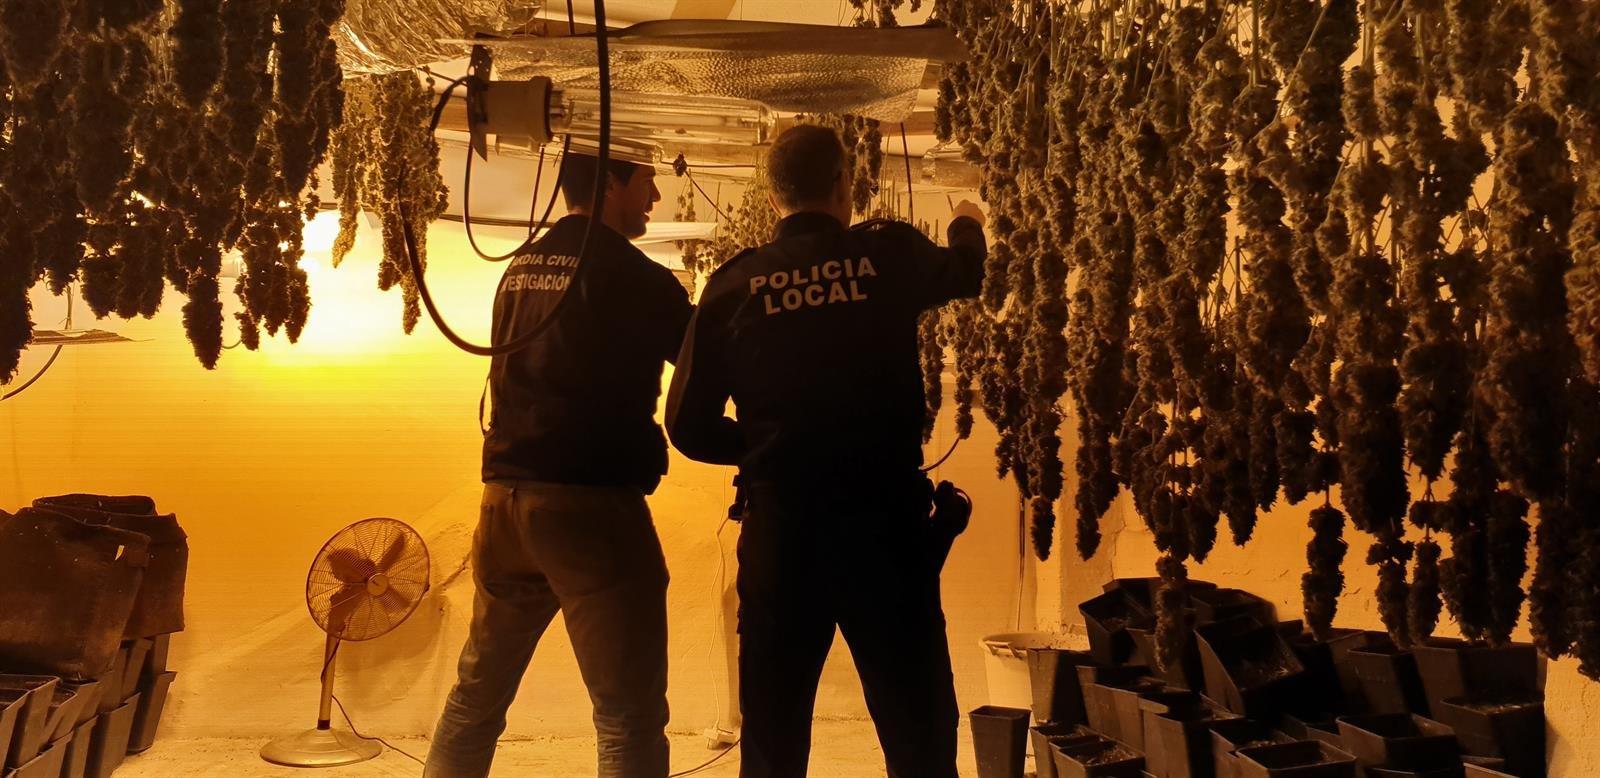 Desmanteladas tres plantaciones de marihuana tras un incendio por enganches ilegales en Santa Fe